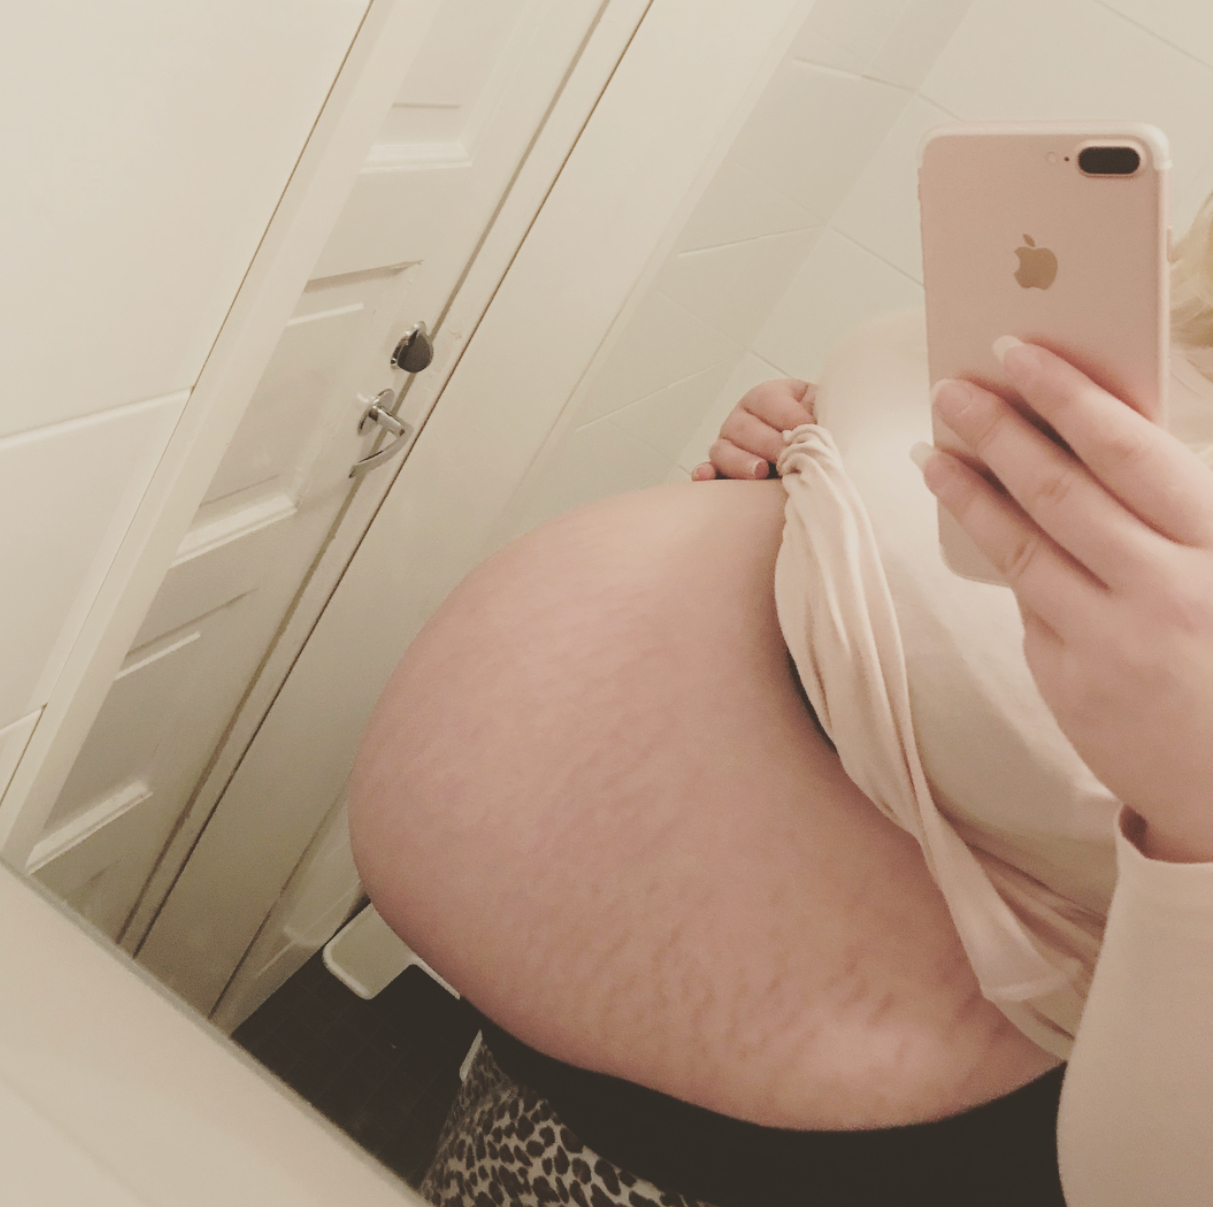 terolut ja raskausdiabetes